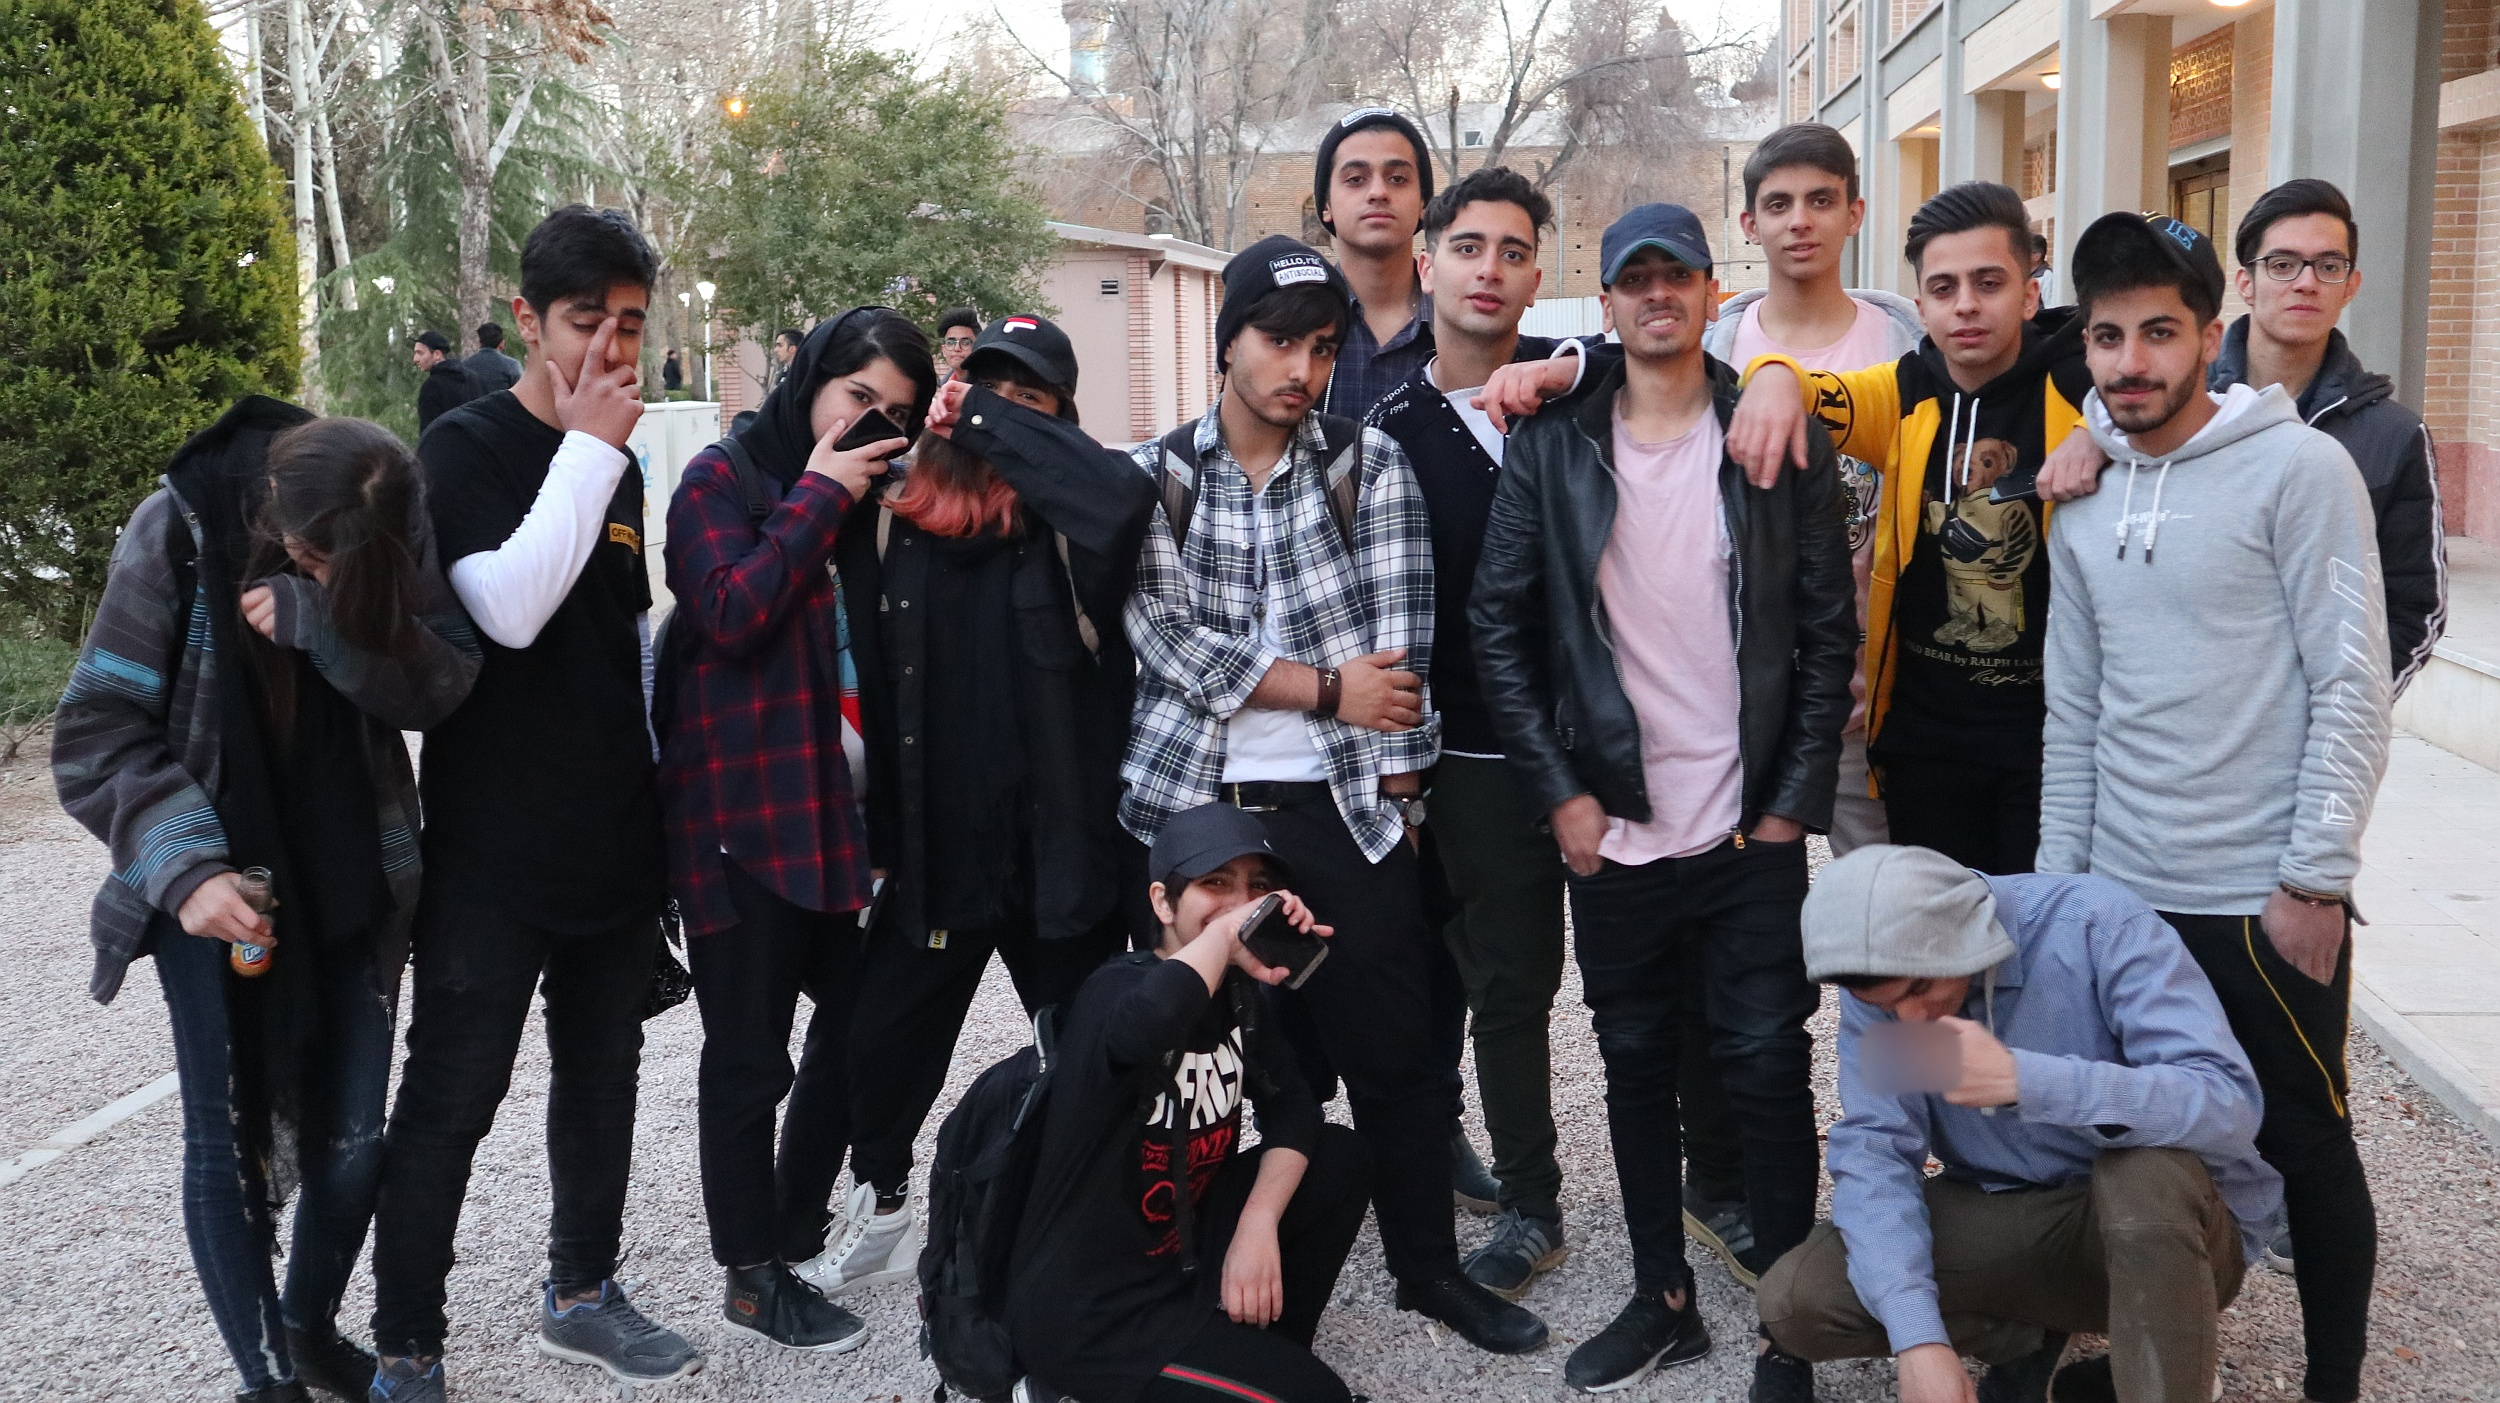 Ekipa z Isfahanu, która zaczepiła mnie do zdjęcia